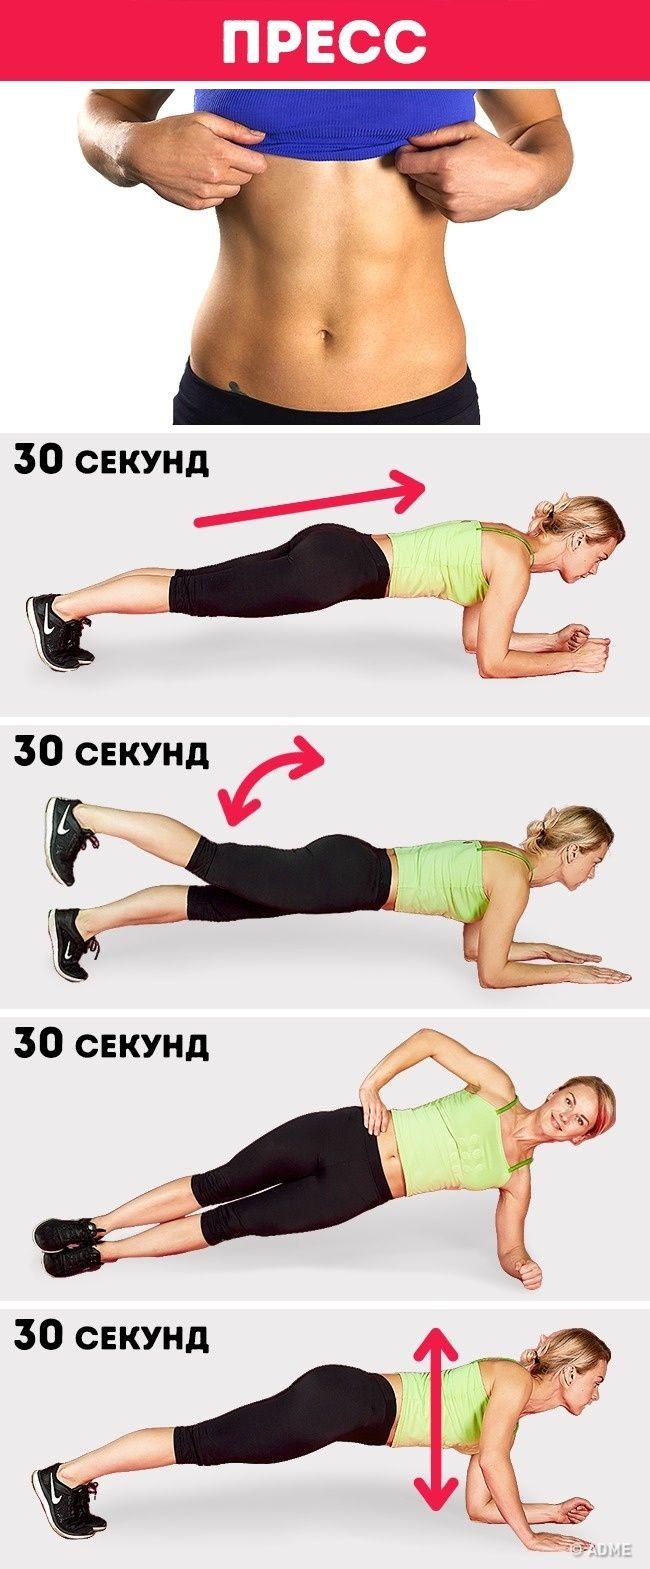 Упражнения Что Бы Сбросить Лишний Вес. Упражнения для быстрого похудения в домашних условиях